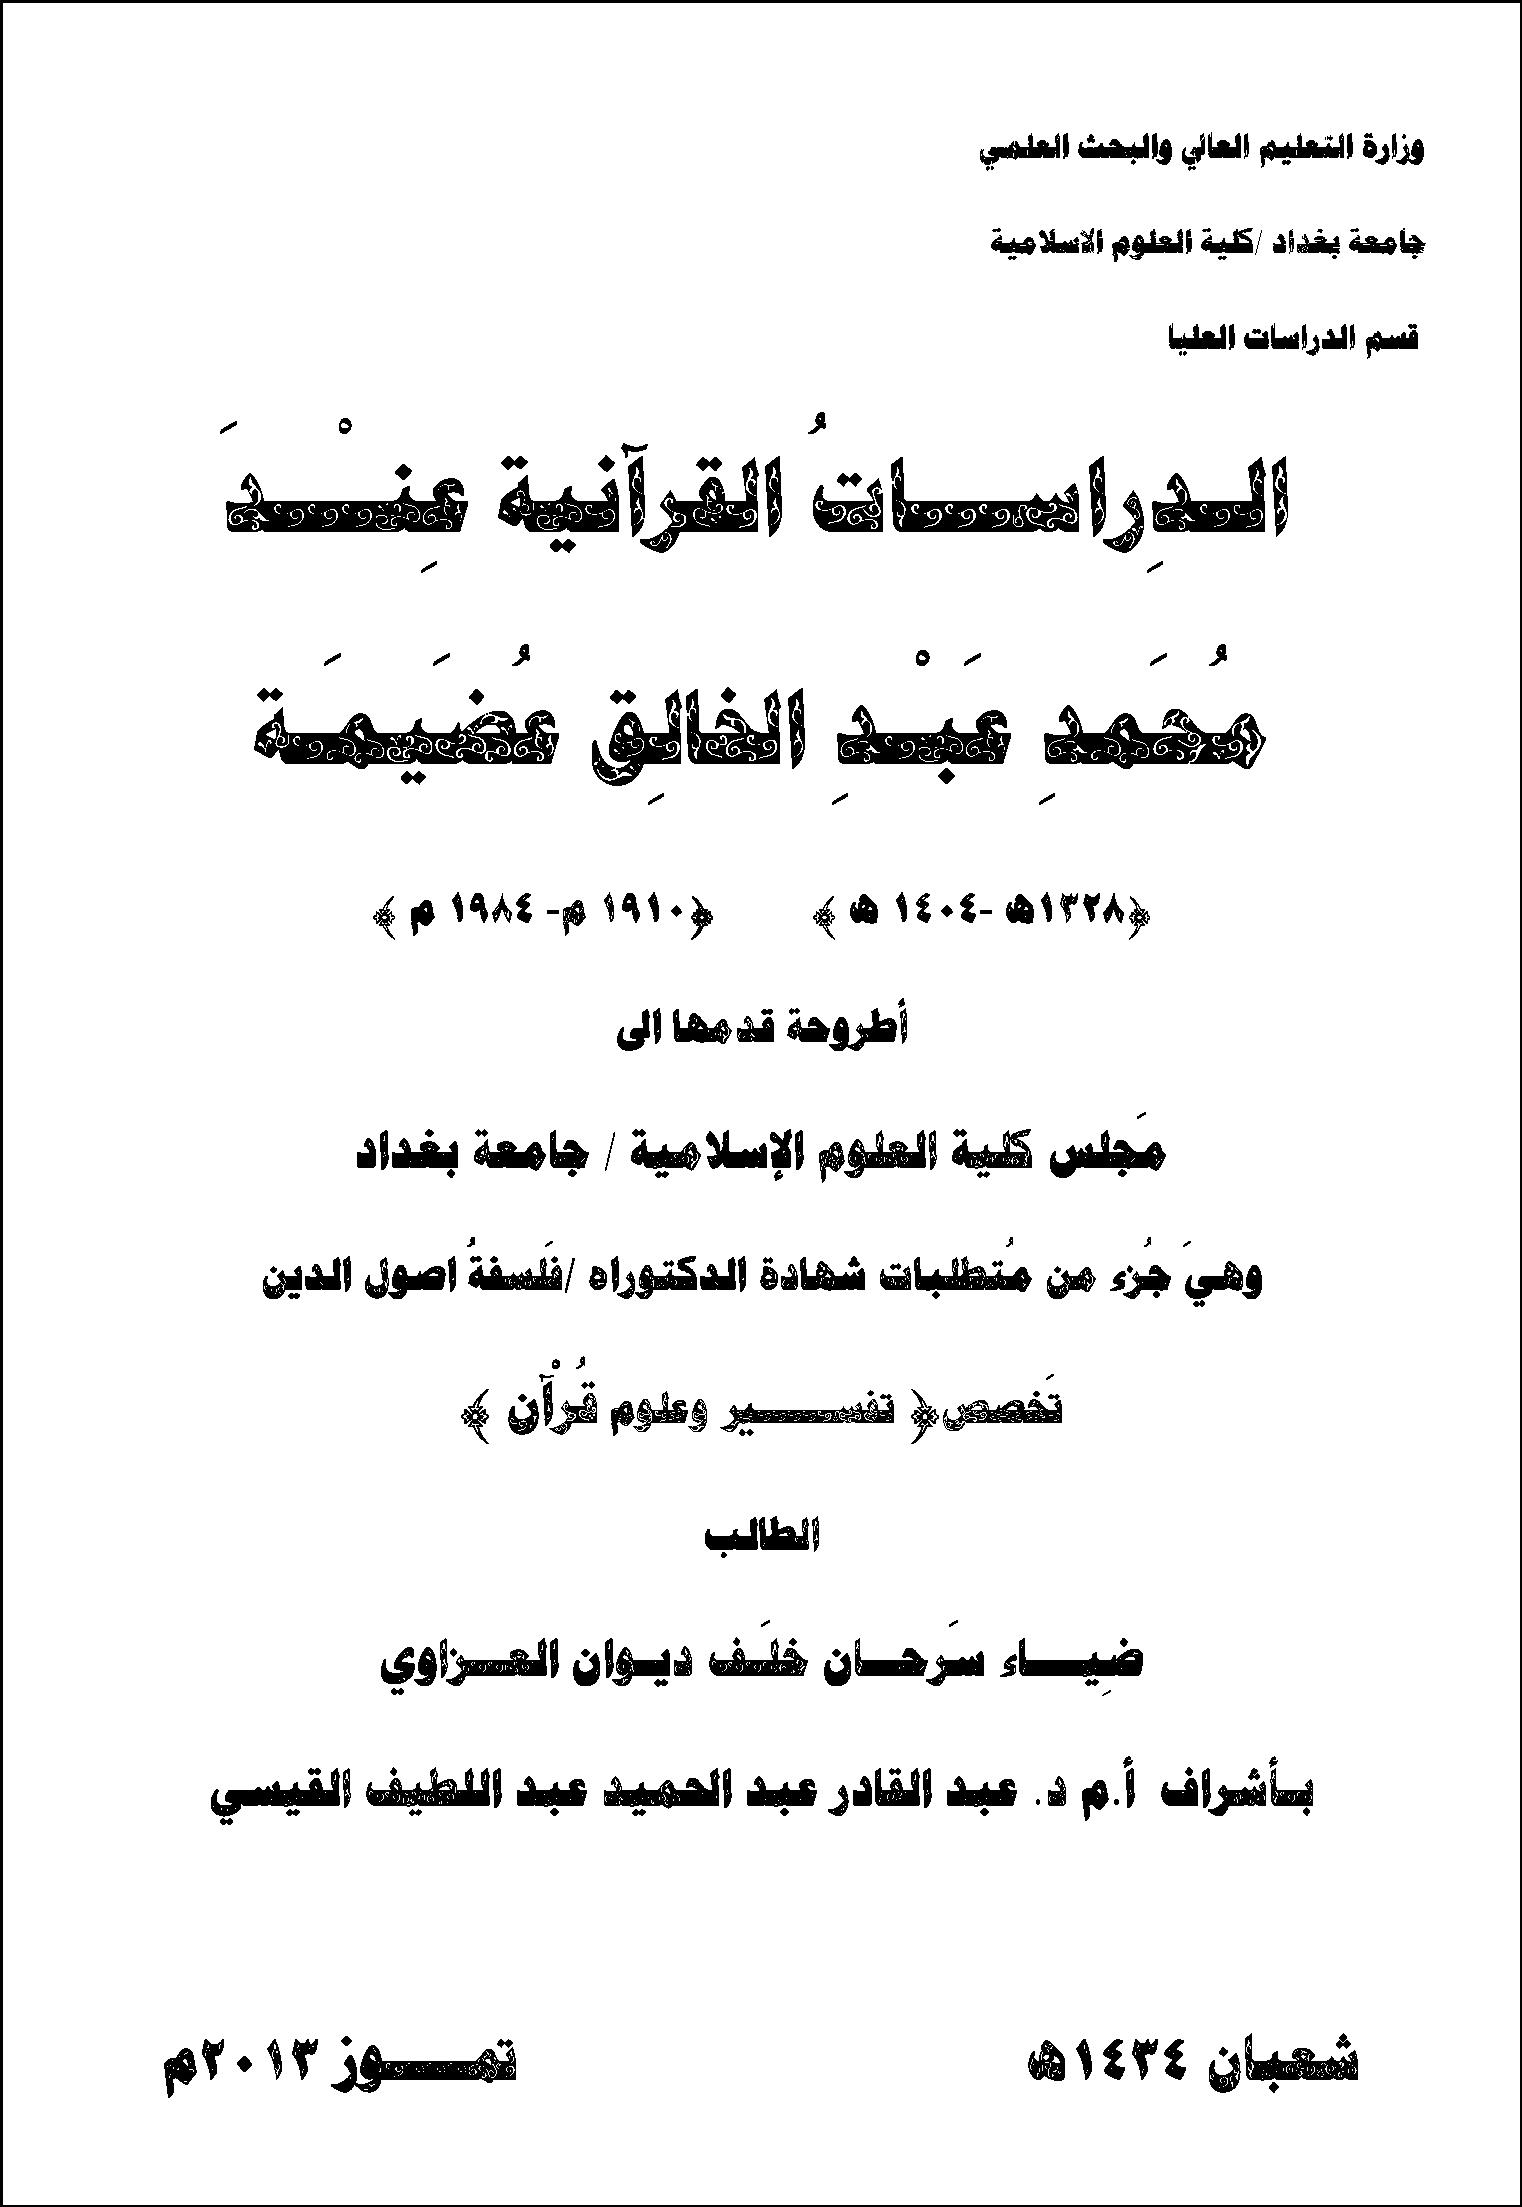 تحميل كتاب الدراسات القرآنية عند محمد عبد الخالق عضيمة لـِ: الدكتور ضياء سرحان خلف ديوان العزاوي